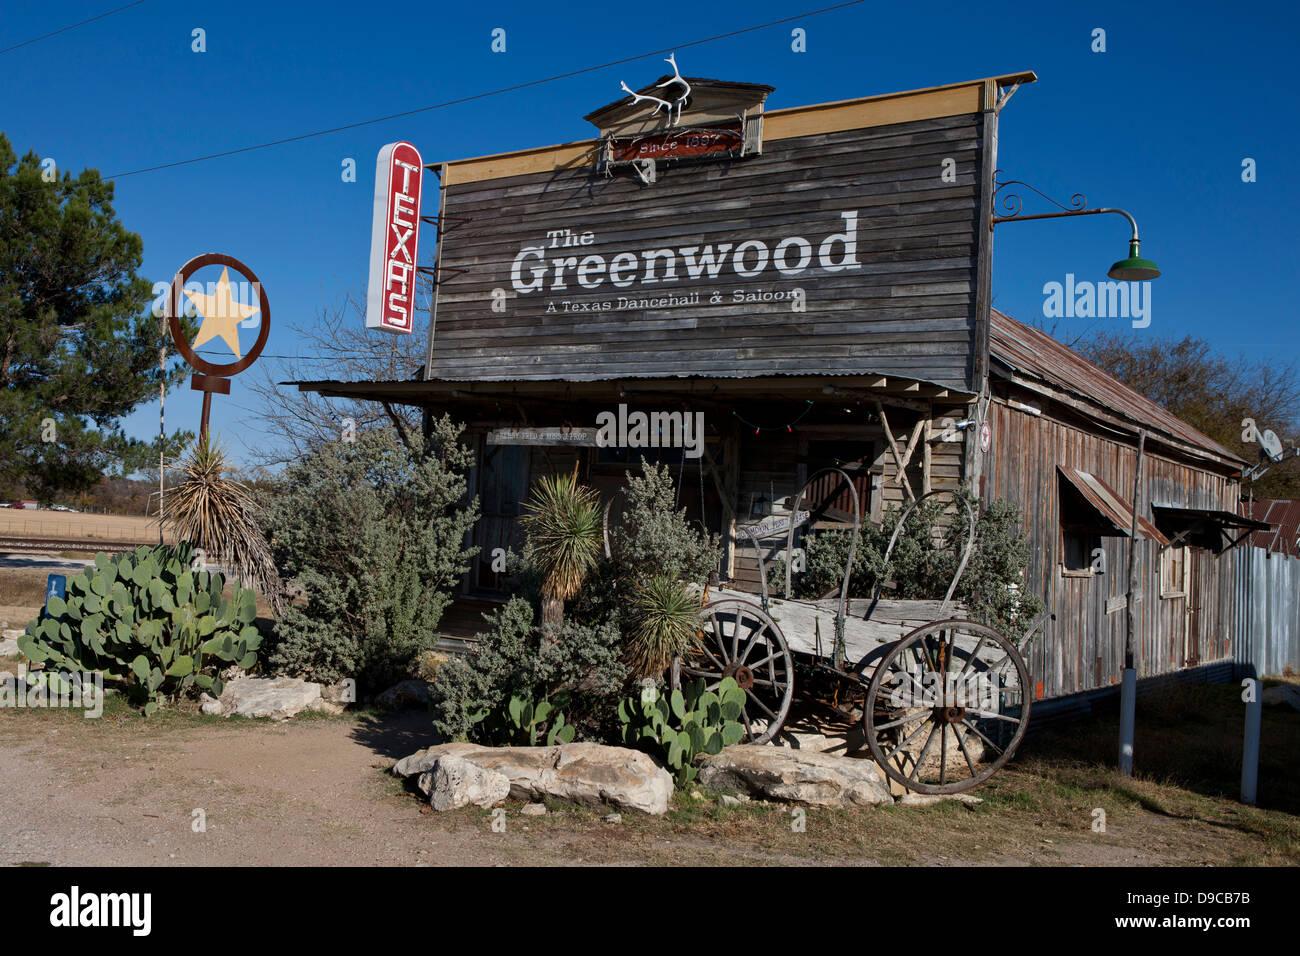 Greenwood Dancehall und Saloon, Bluff Dale, Texas, Vereinigte Staaten von Amerika Stockbild